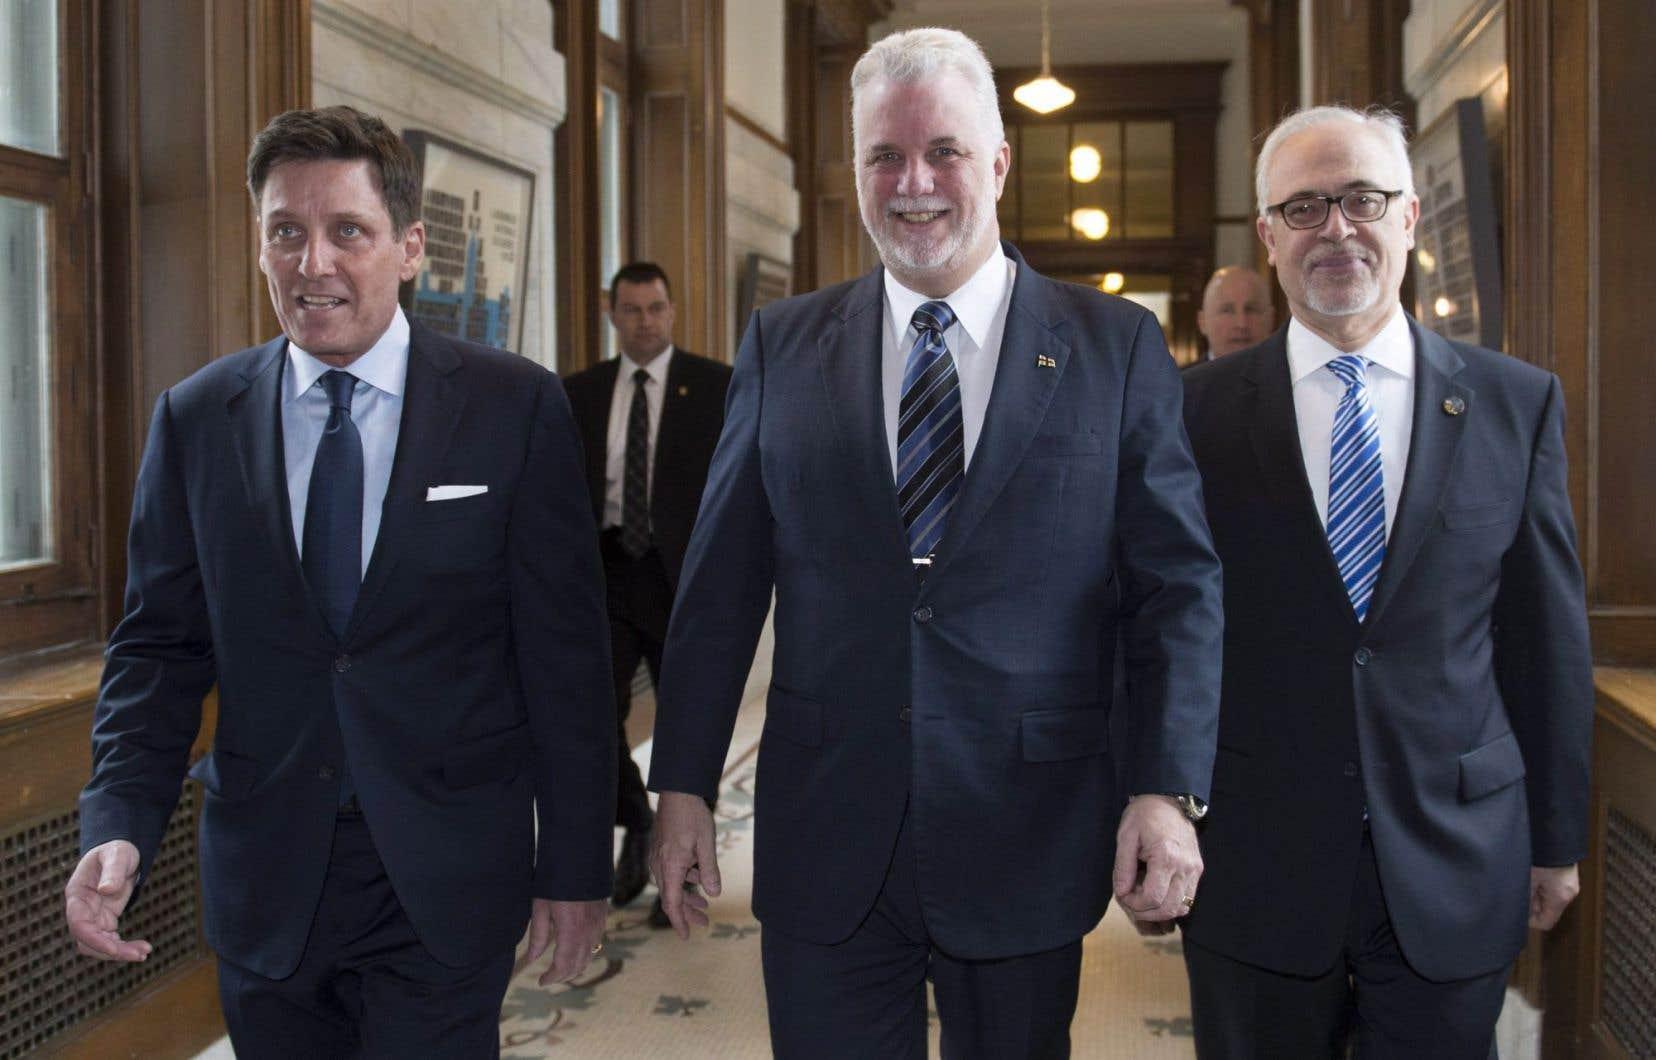 Le premier ministre du Québec, Philippe Couillard, est entouré du nouveau président du Conseil du trésor, Pierre Moreau (à gauche), et du ministre québécois des Finances, Carlos Leitão (à droite).